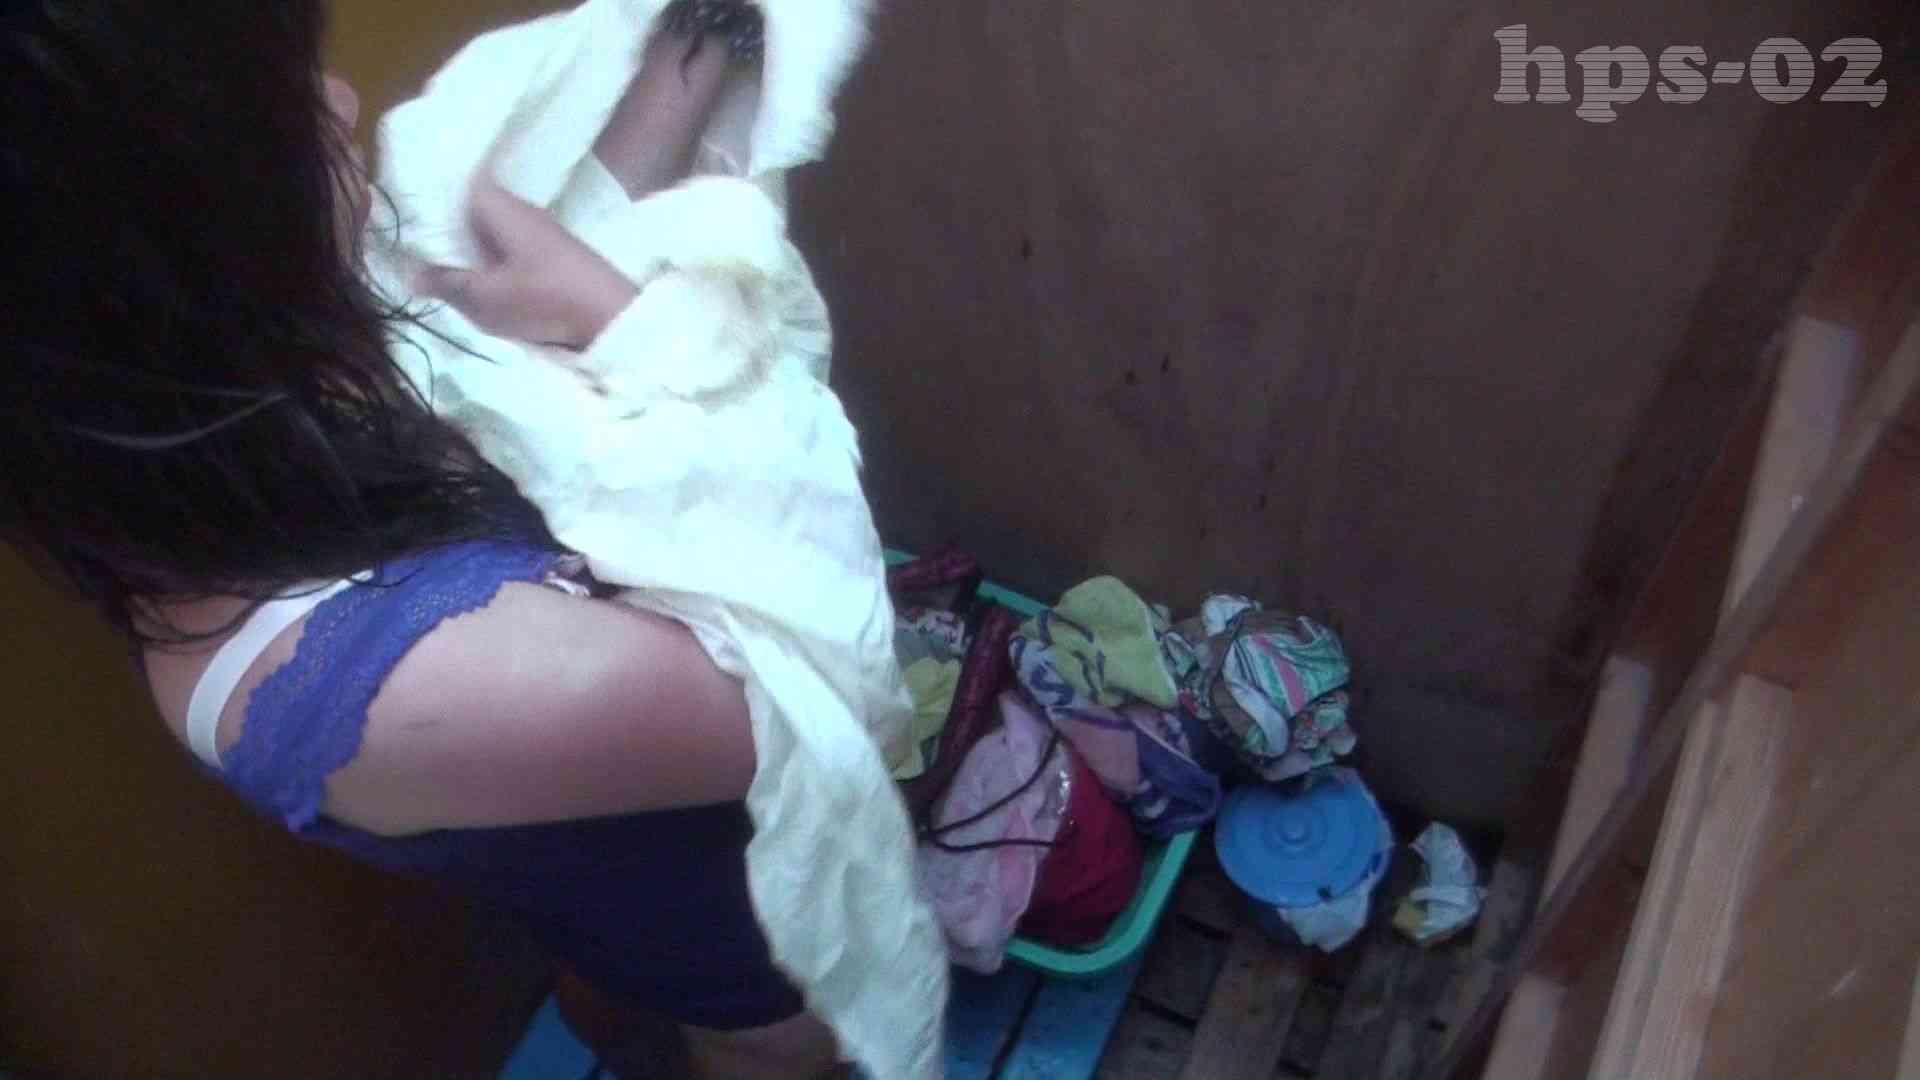 シャワールームは超!!危険な香りVol.2 カメラに目線をやるのですがまったく気が付きません。 OLヌード天国   シャワー  84PIX 73